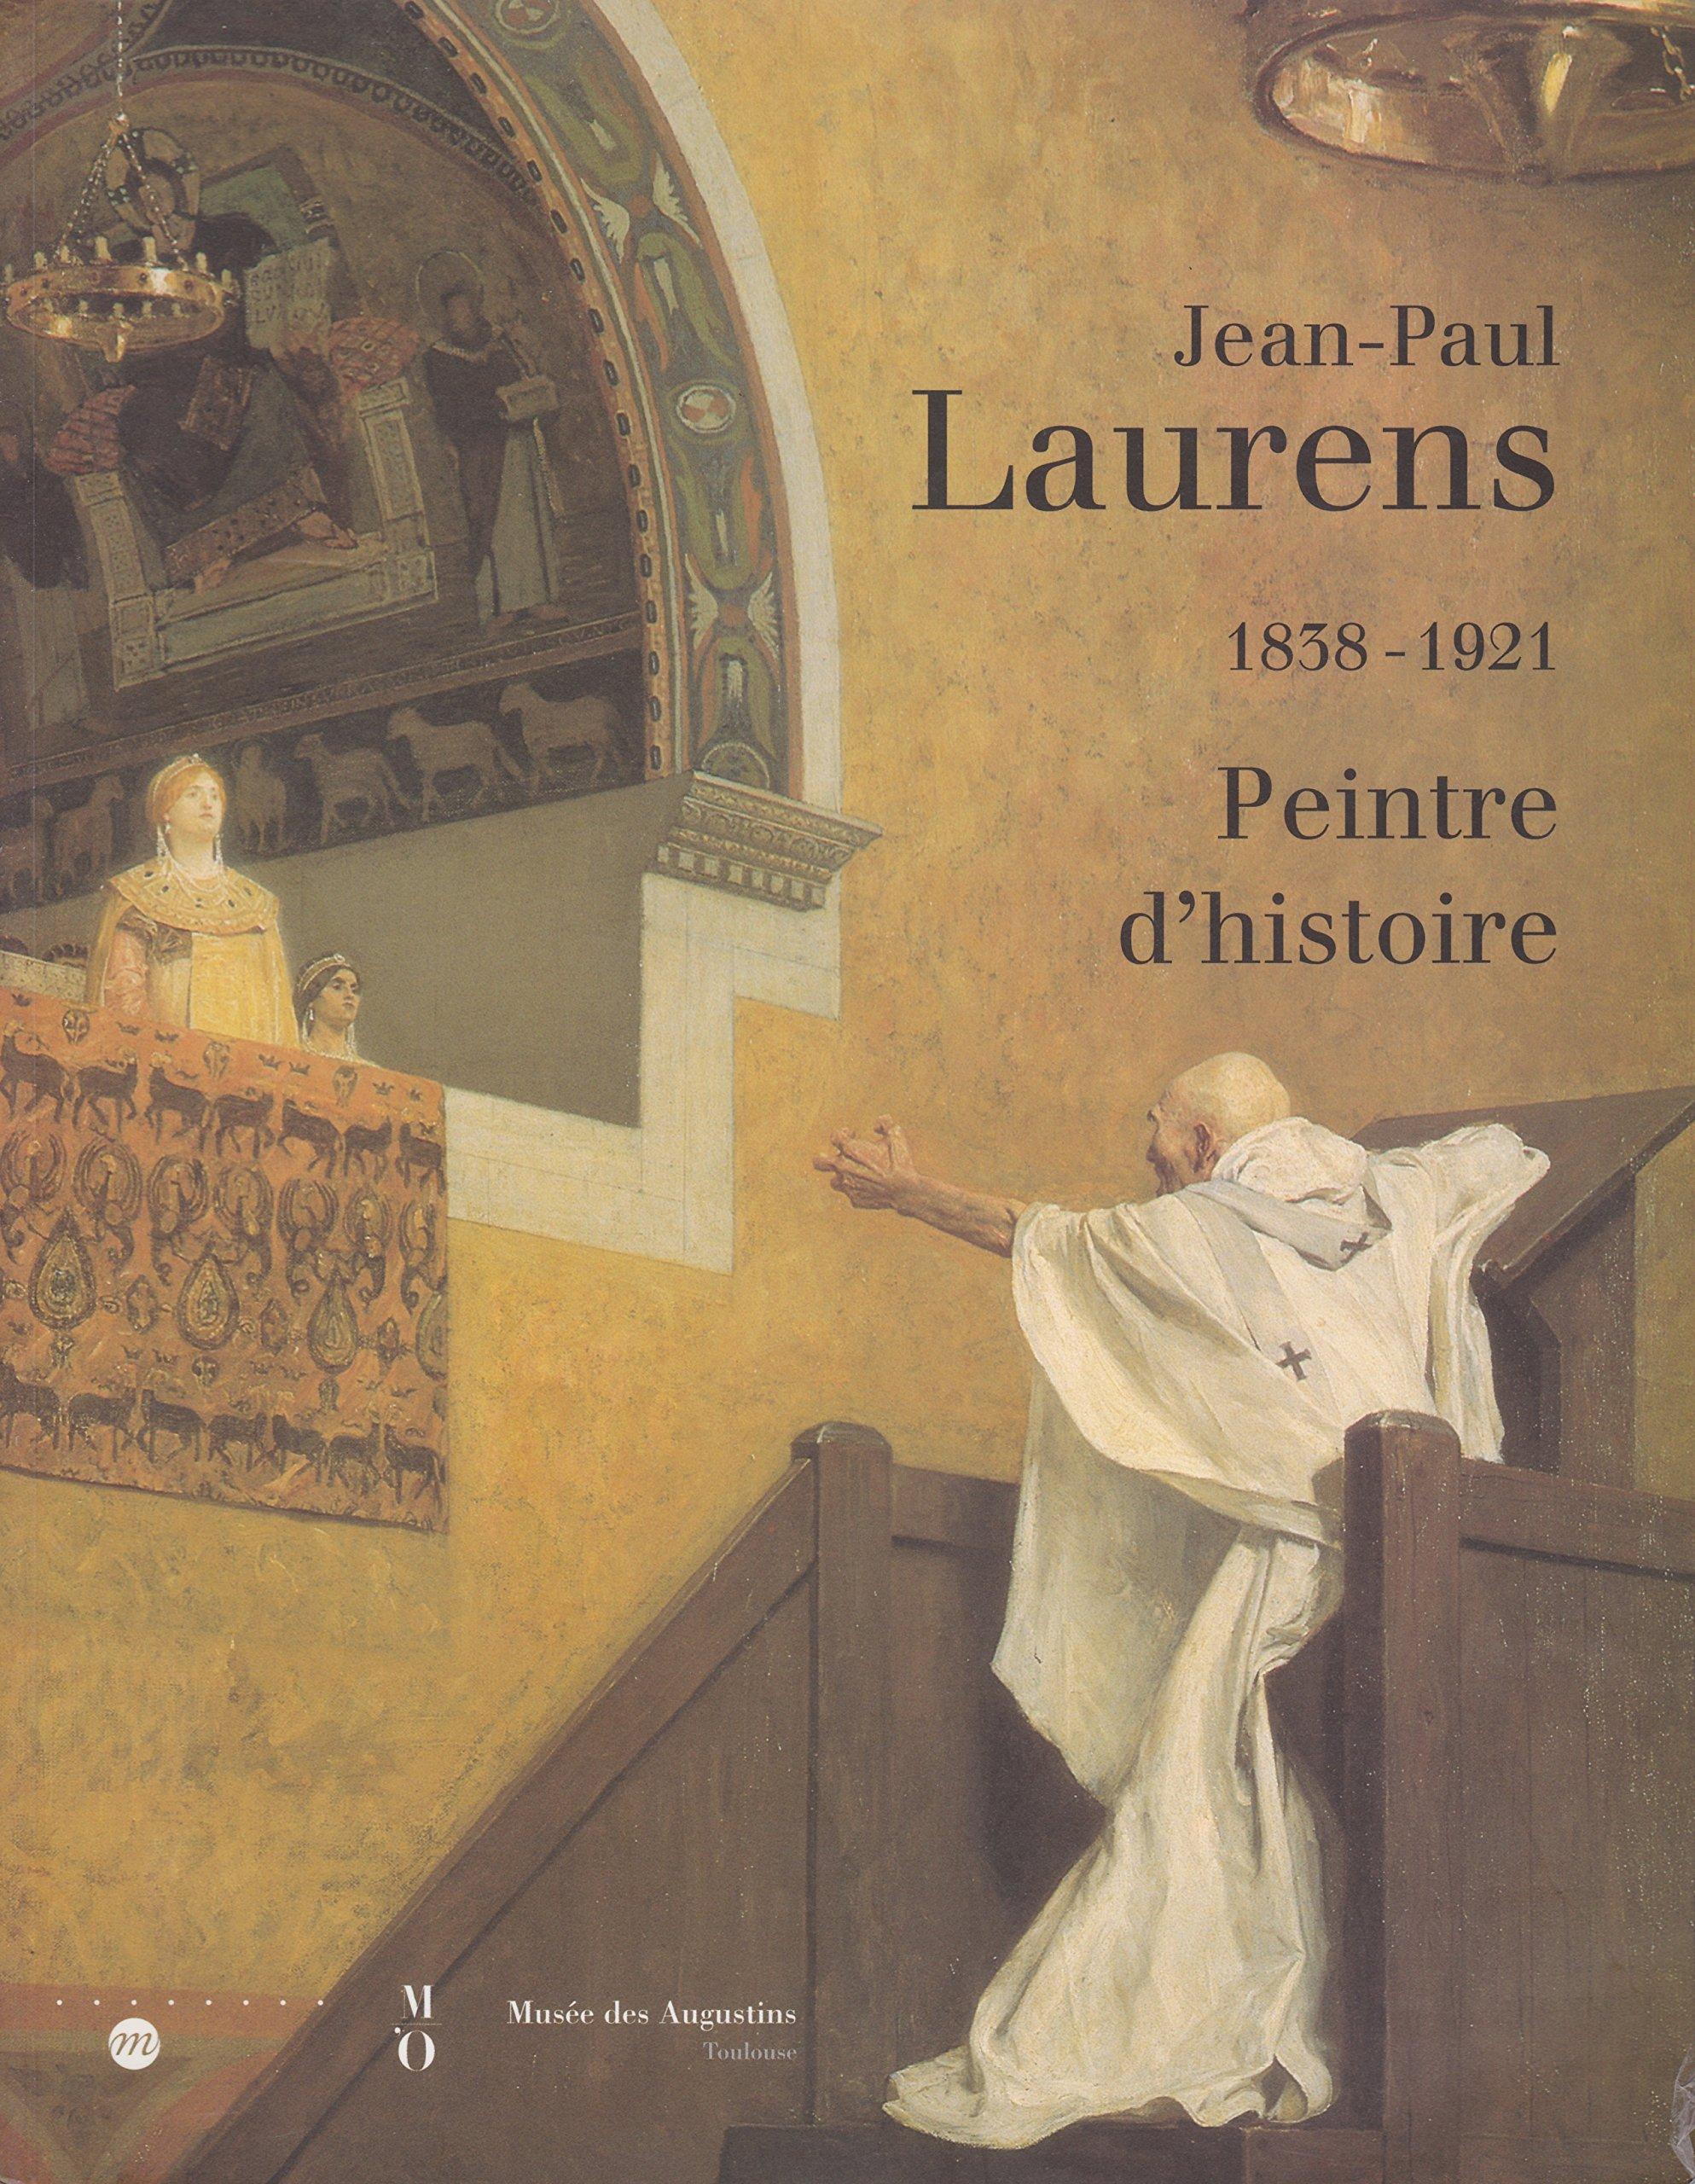 Livres Paul Jean D'histoire Collectif LaurensPeintre L4jAR5